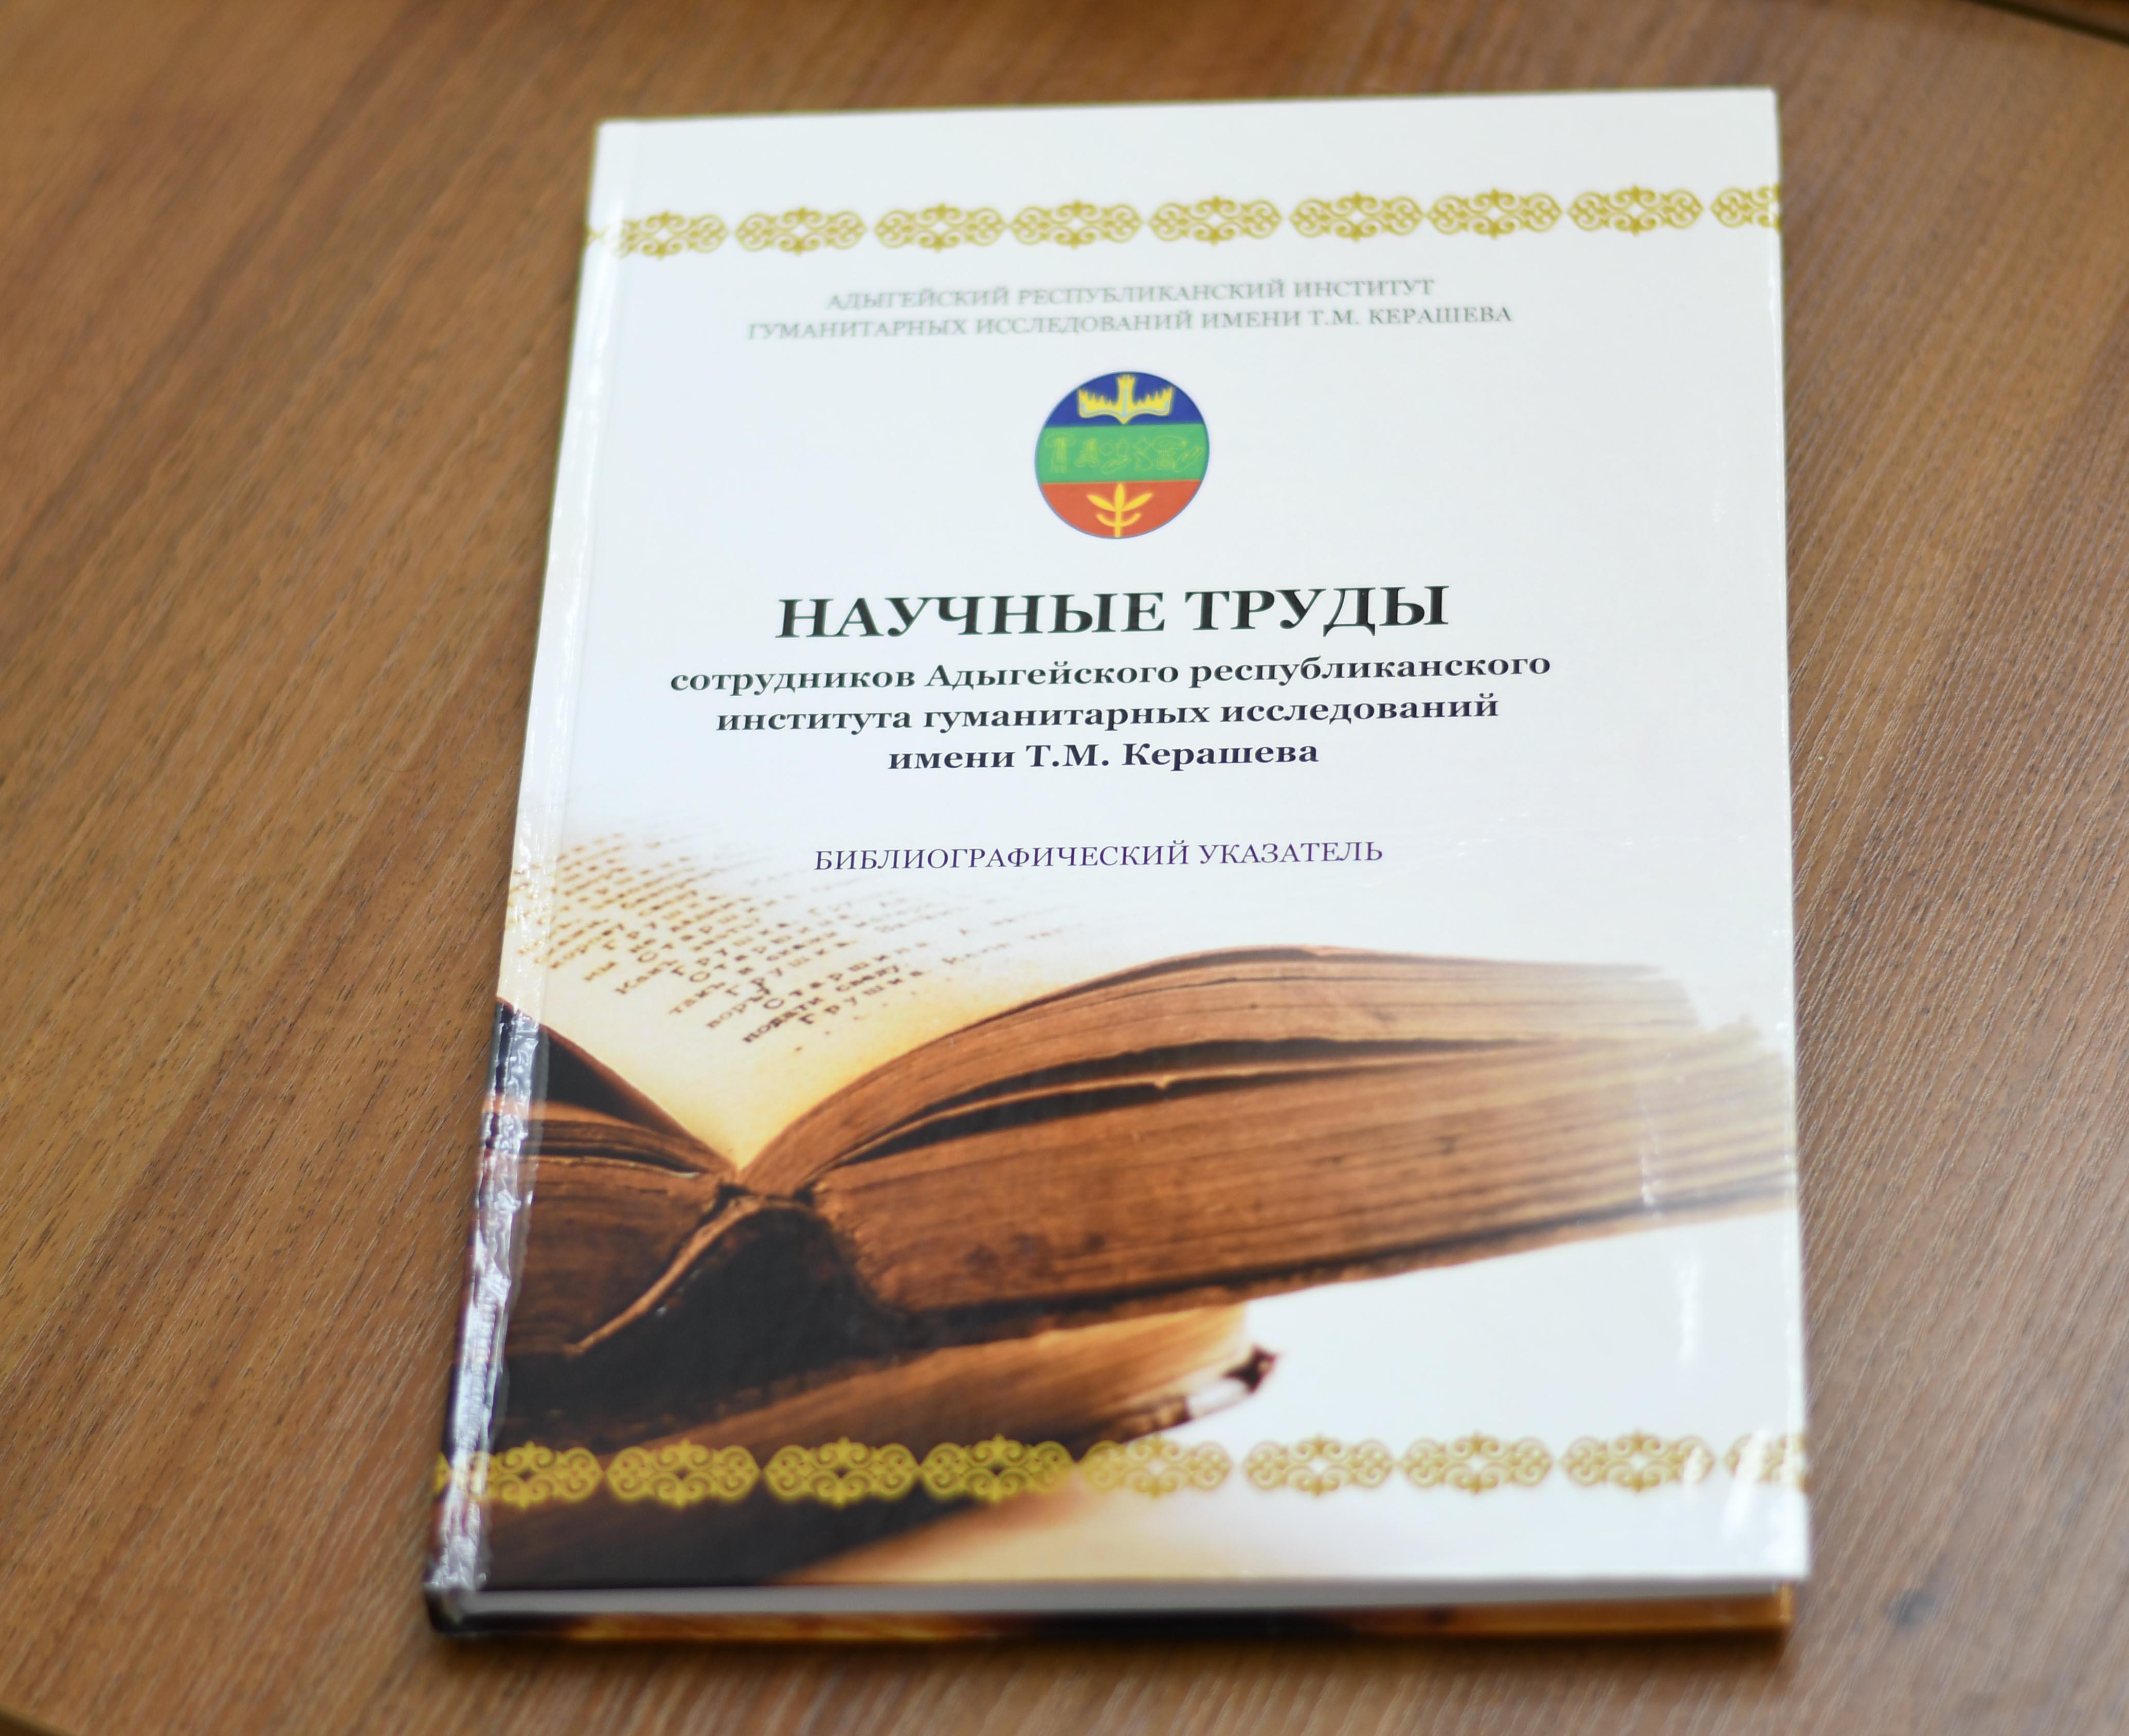 Научные труды сотрудников Адыгейского республиканского института гуманитарных исследований имени Т.М. Керашева